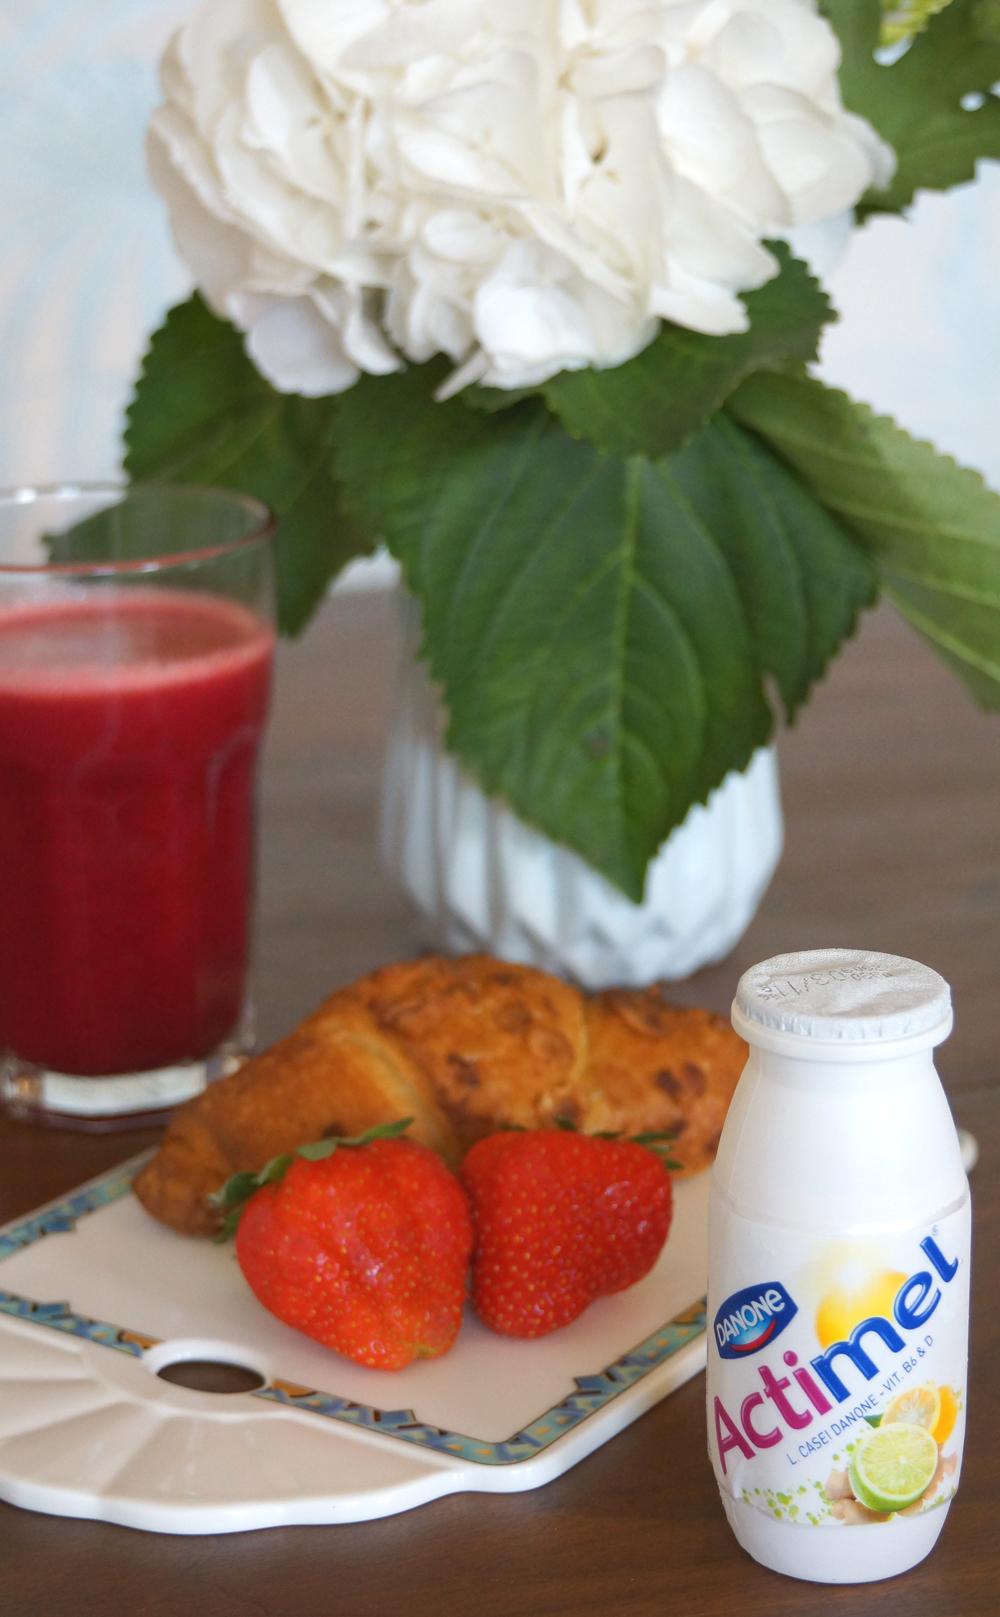 Frühstücksroutine Mein Start in den Tag mit Actimel von Danone 04